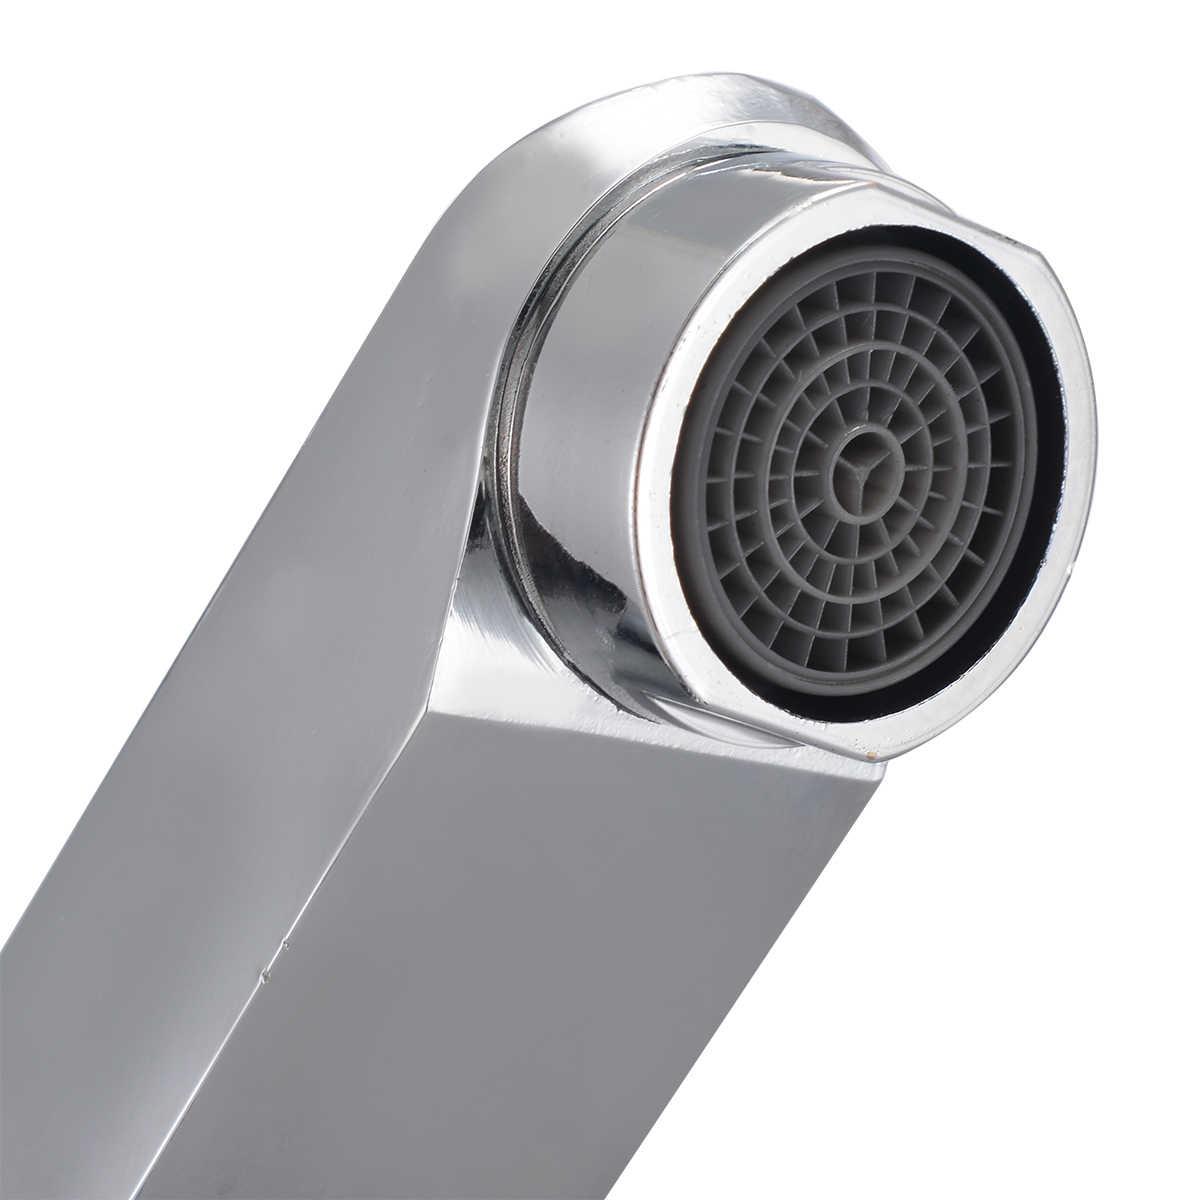 Único punho pia do banheiro torneira da bacia quente e fria misturadora torneira da cozinha cachoeira para banheiro torneira da cozinha